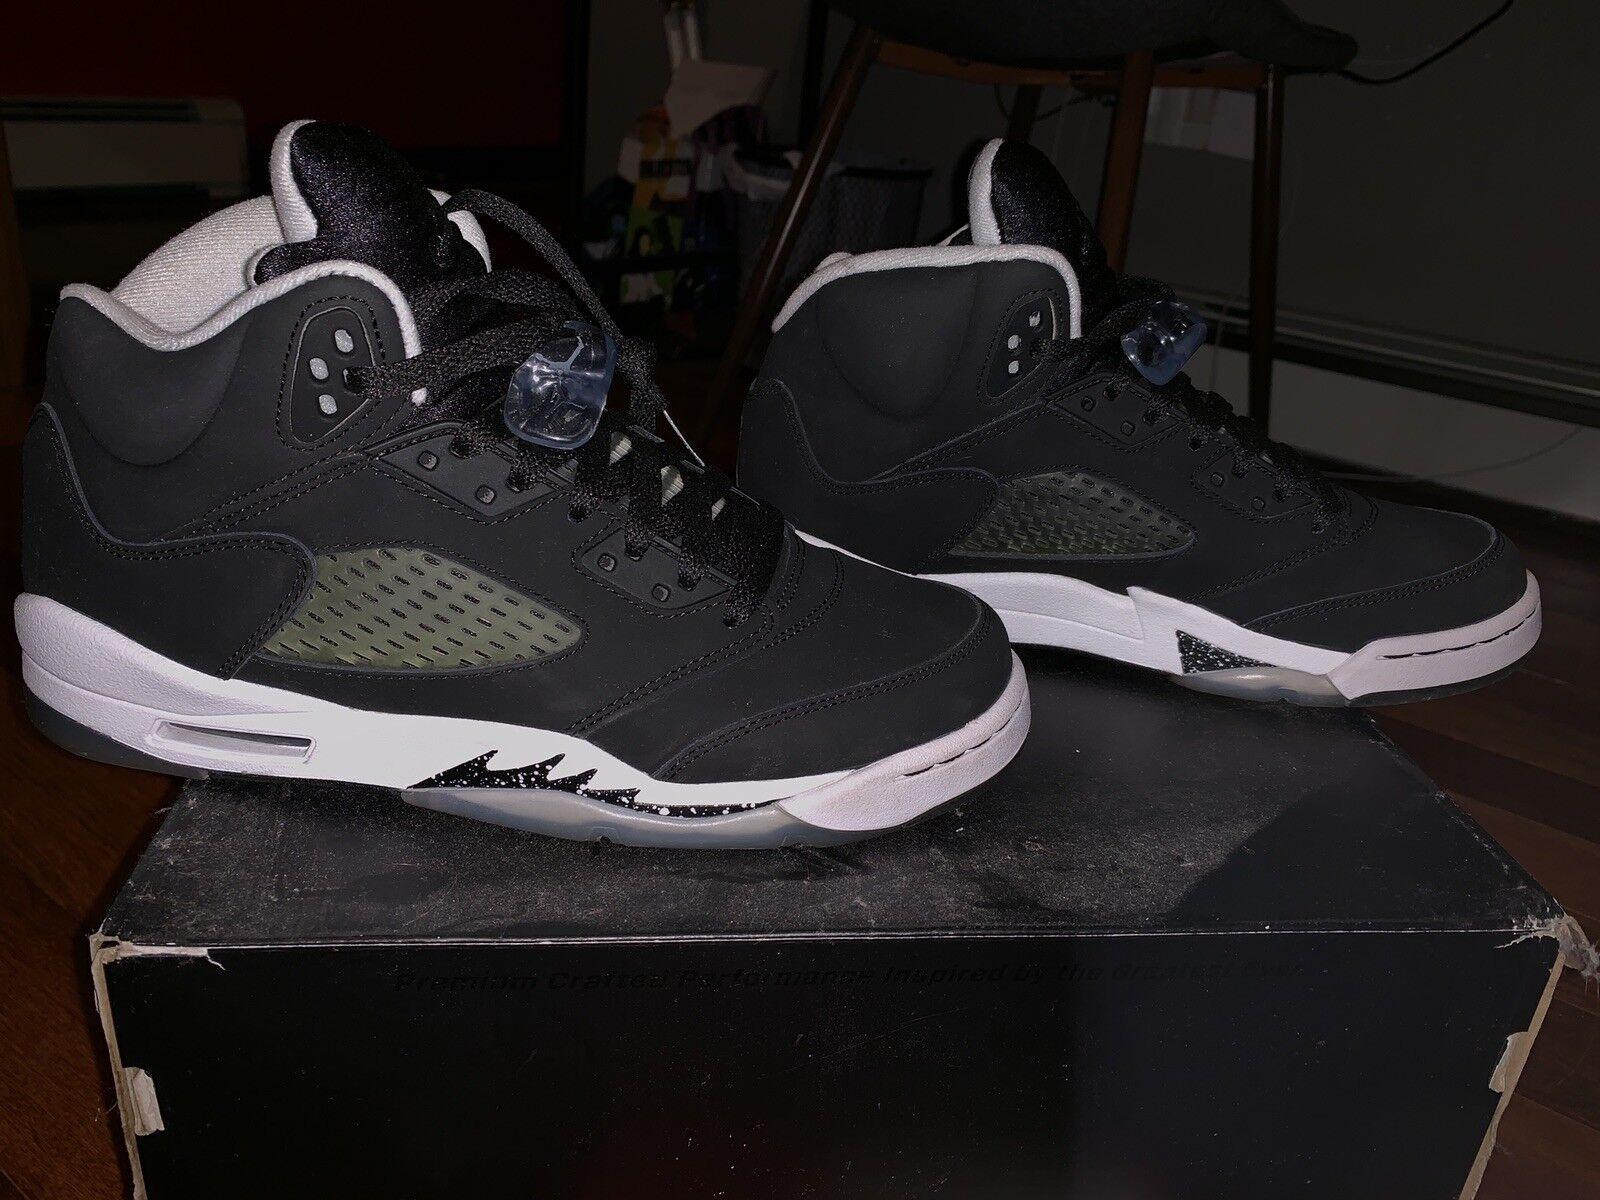 5449ac755c5 Nike Air Jordan Retro V shoes, 7 US, Black & White Oreo 5s Size ...